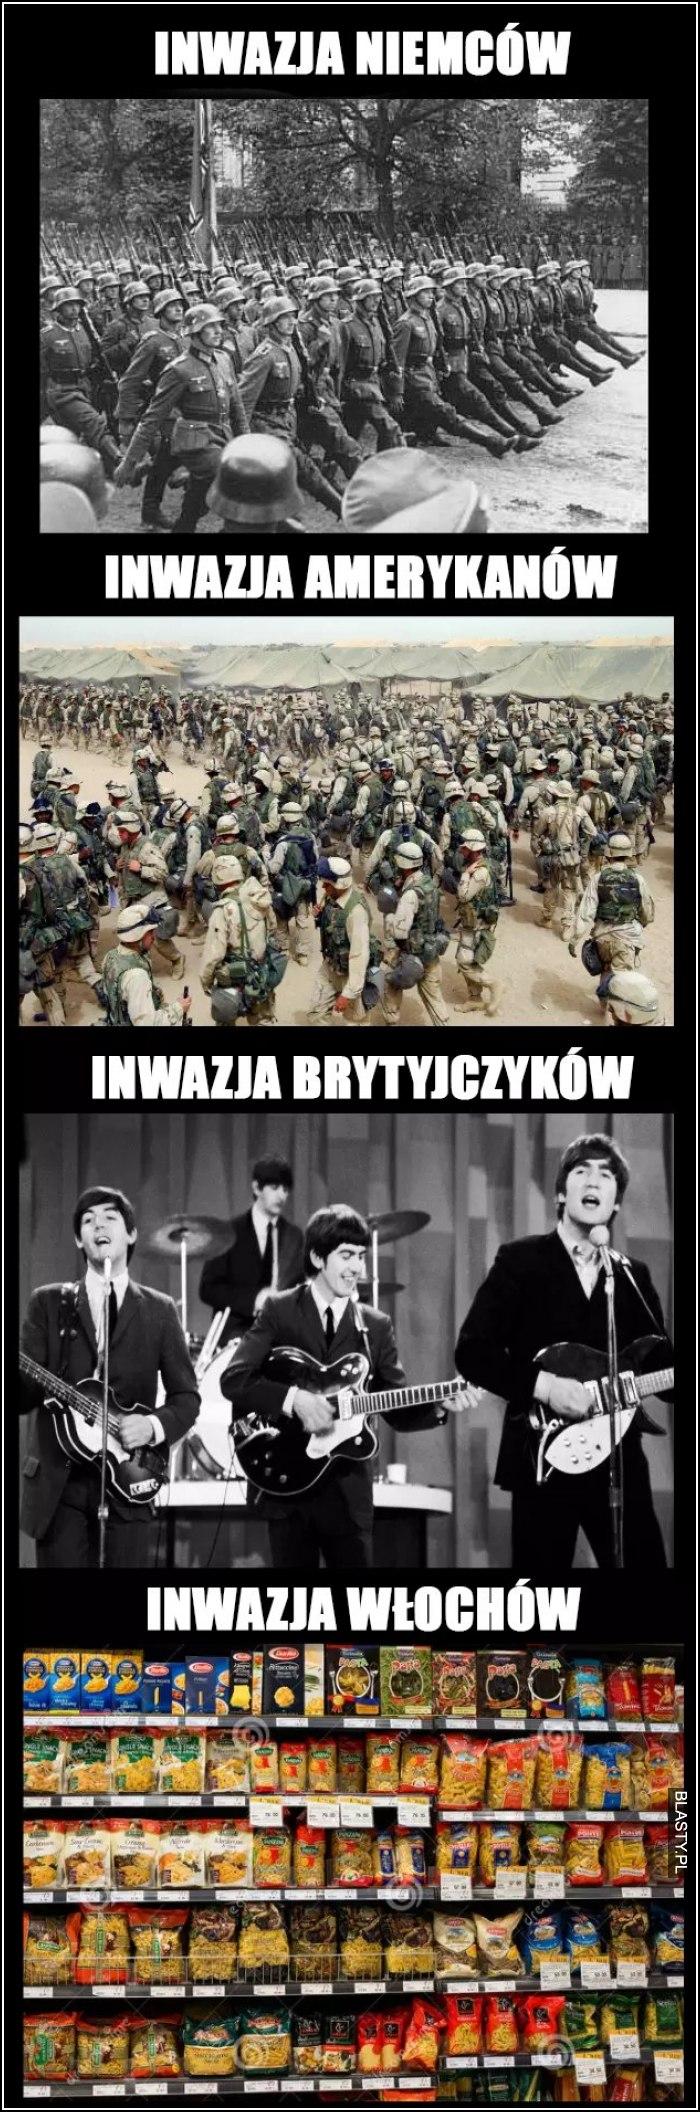 inwazja niemców